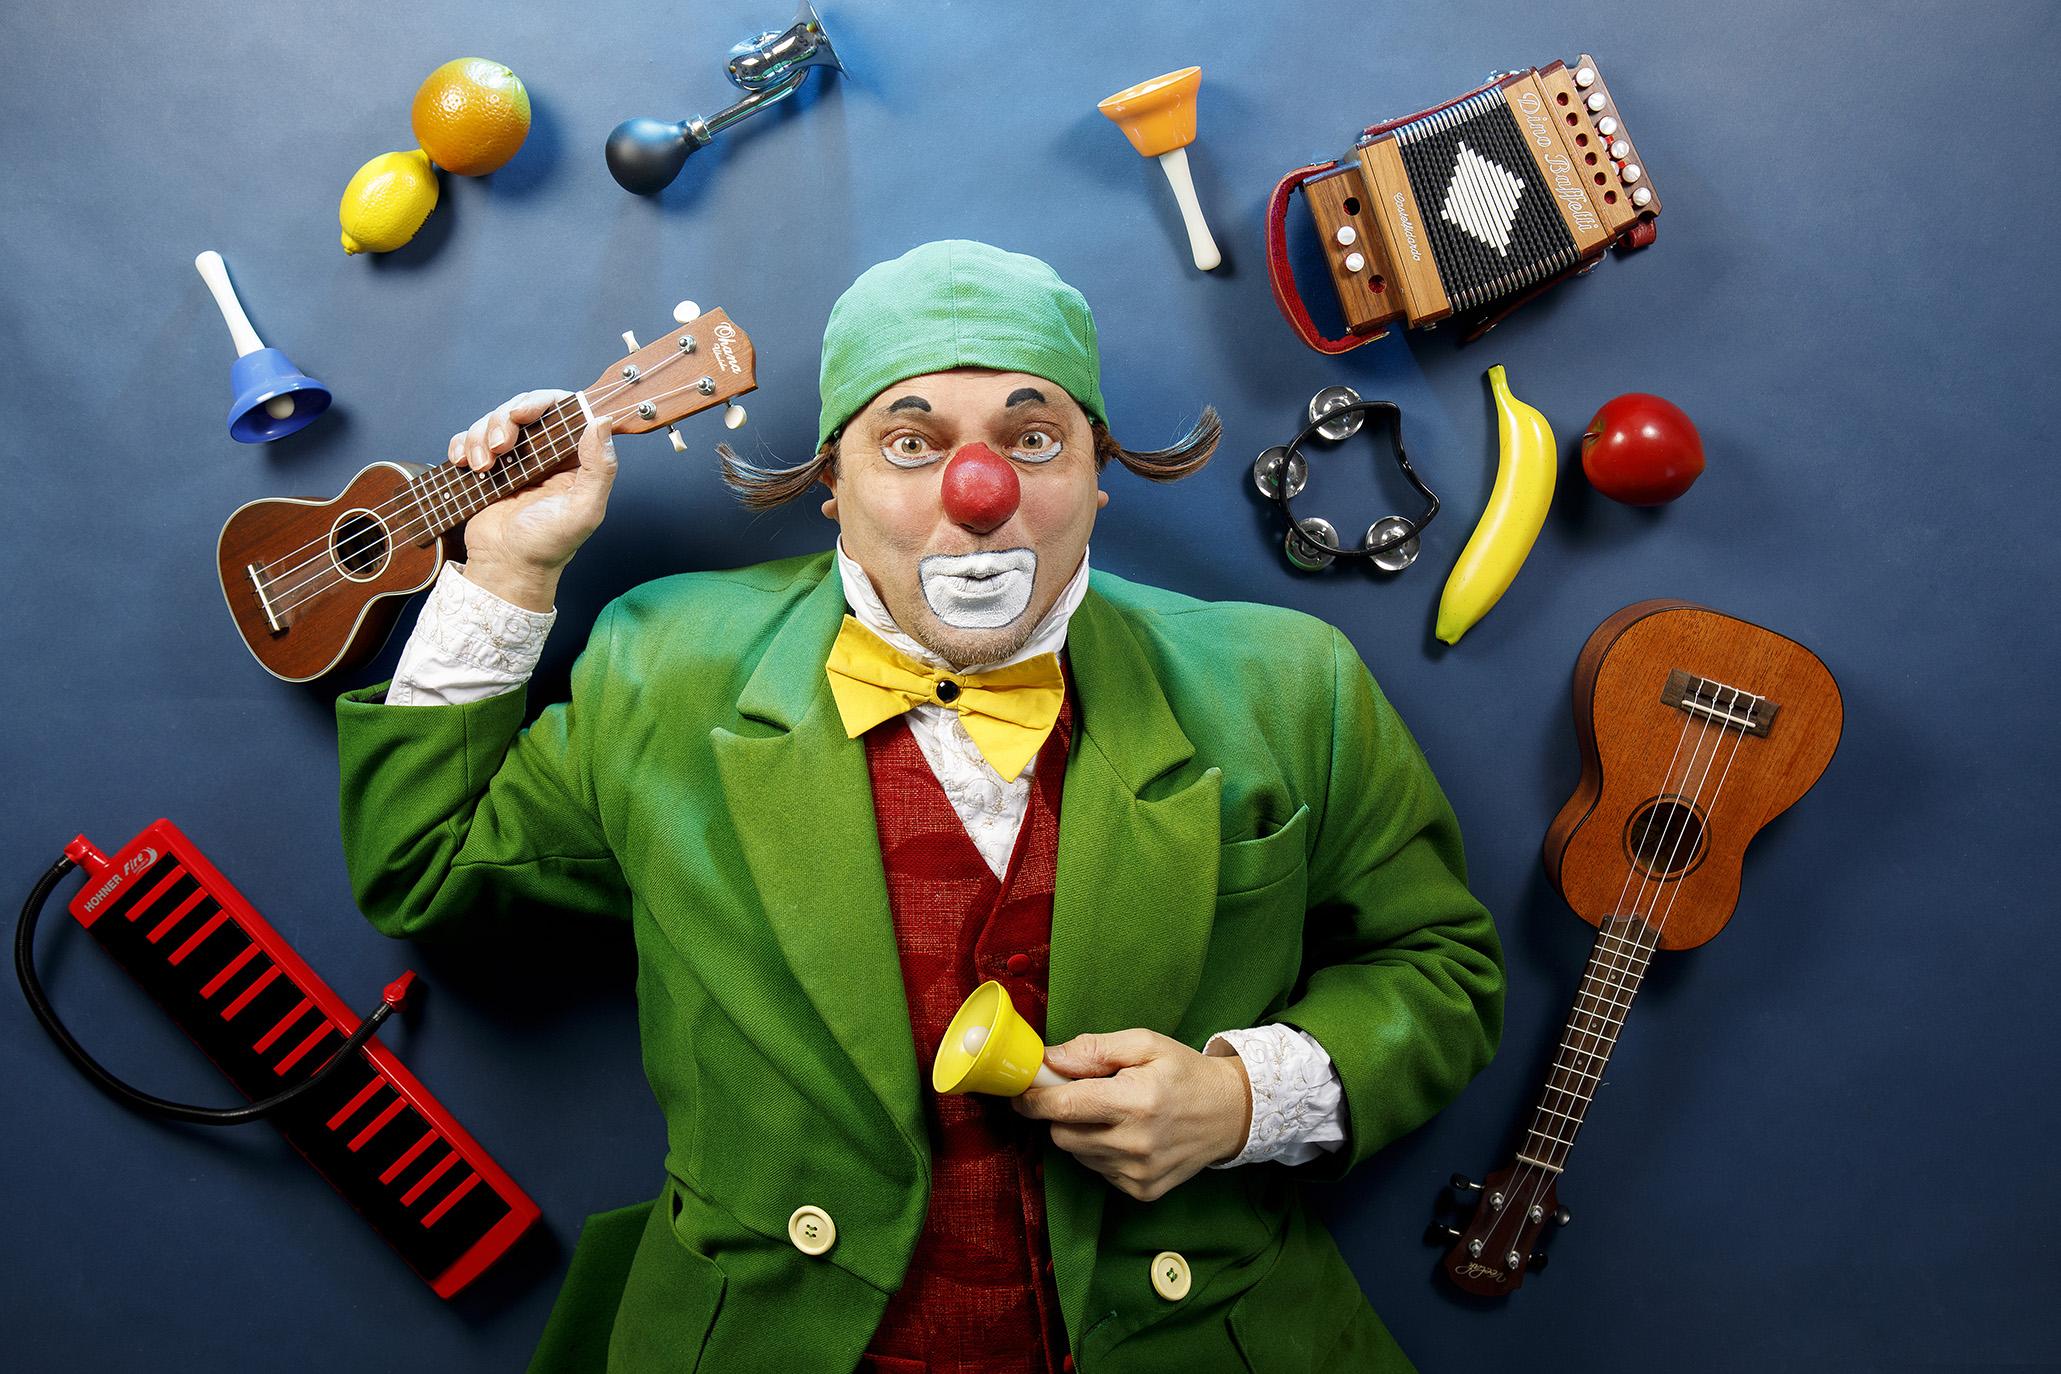 Klovni Dodo ympärillään ukulele, melodica, haitari, rytmisoittimia ja banaani